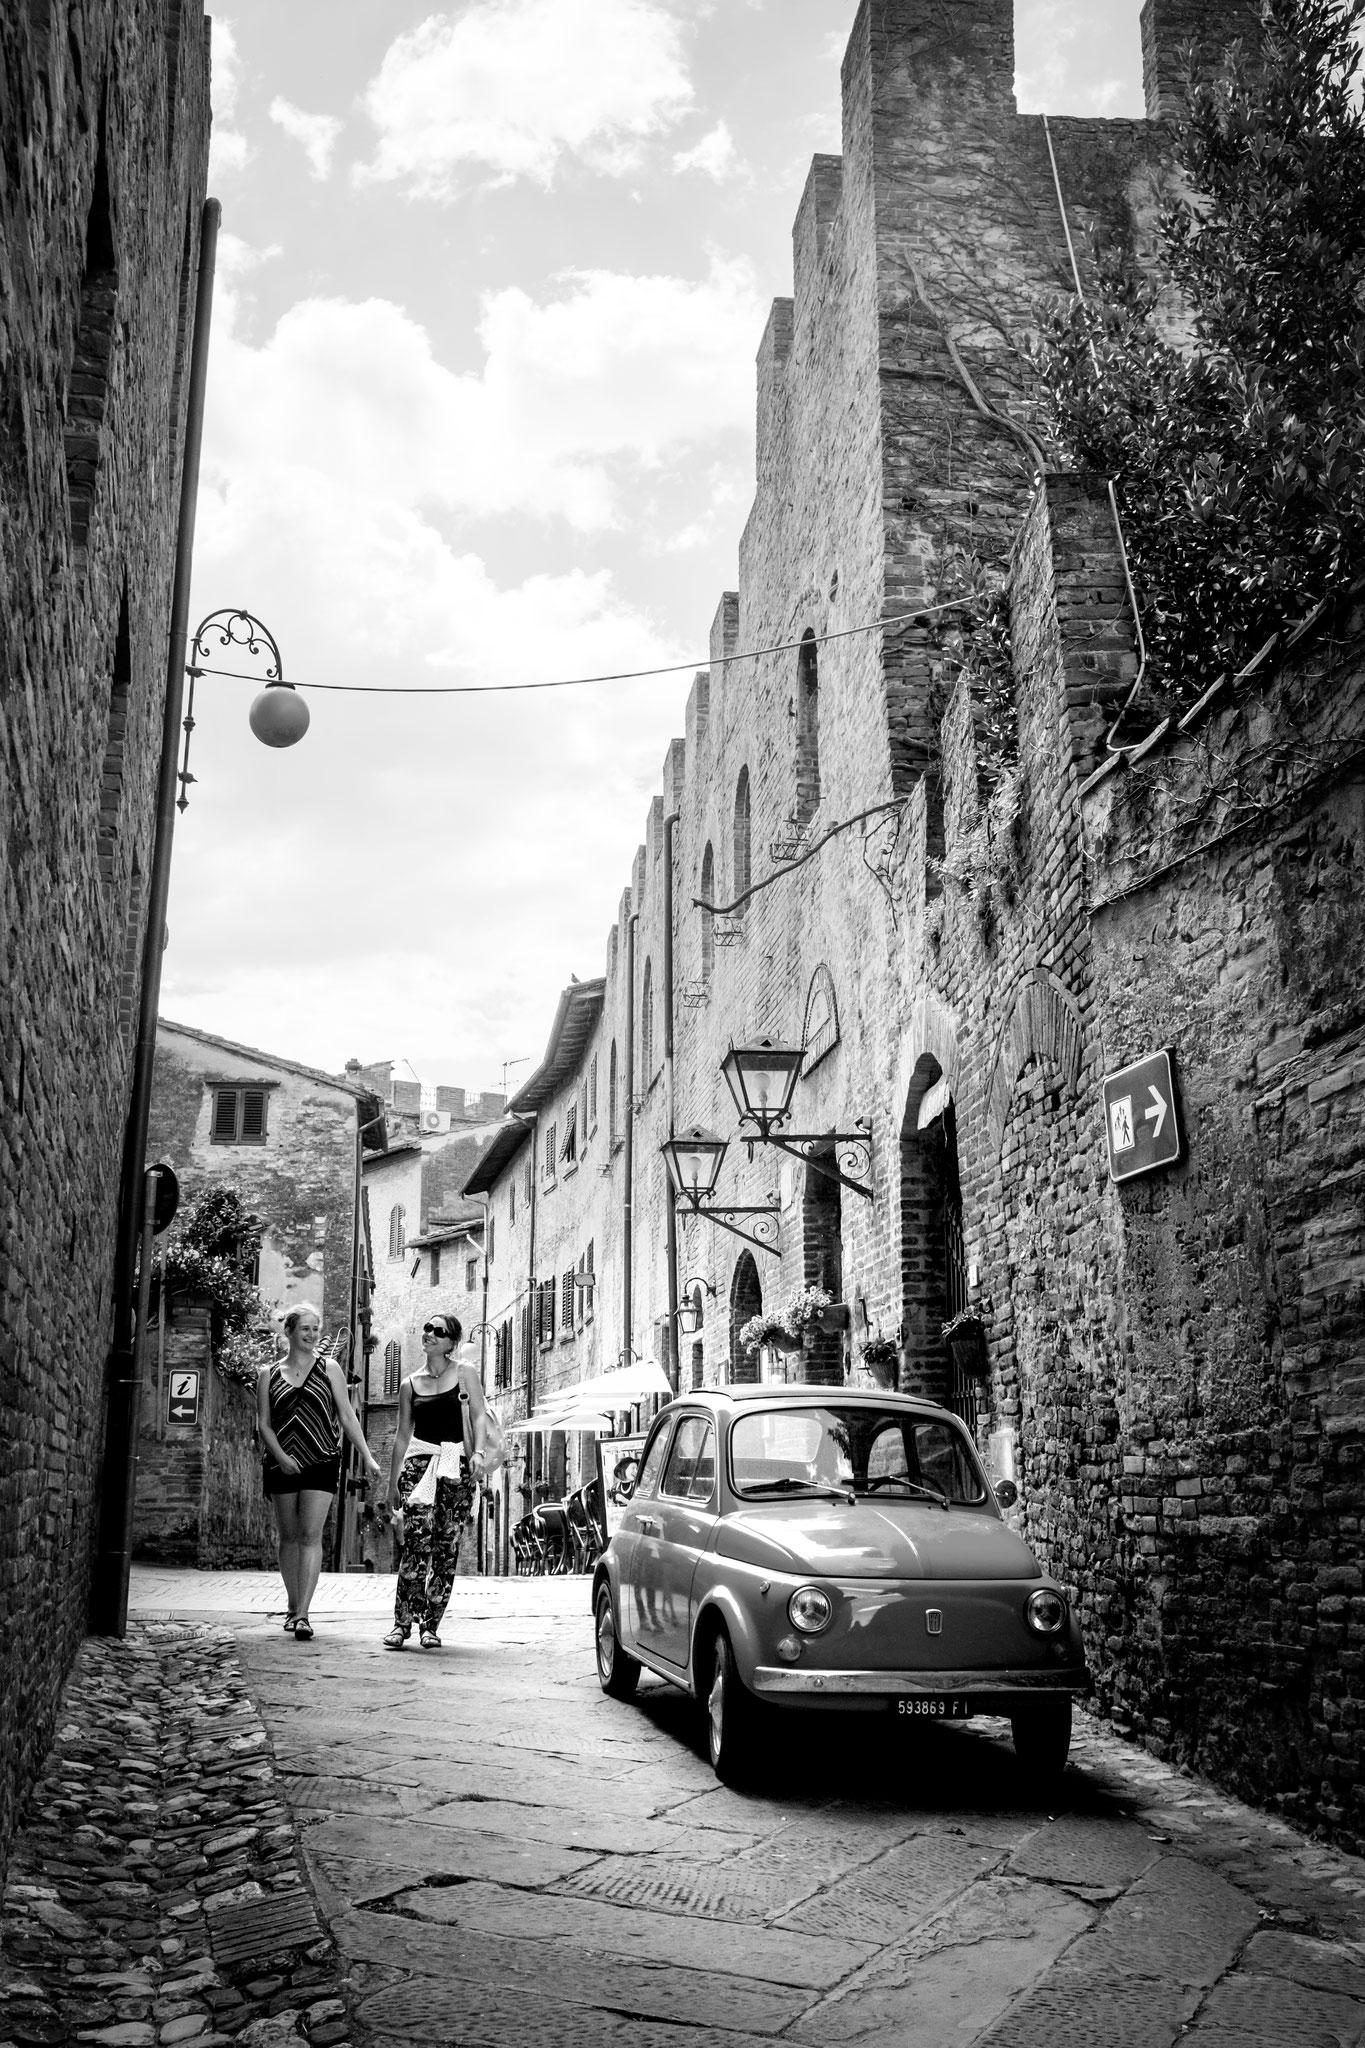 055-TORDAI Ede EFIAP (Tîrgu Mure-RO) -  Toscana (IT)